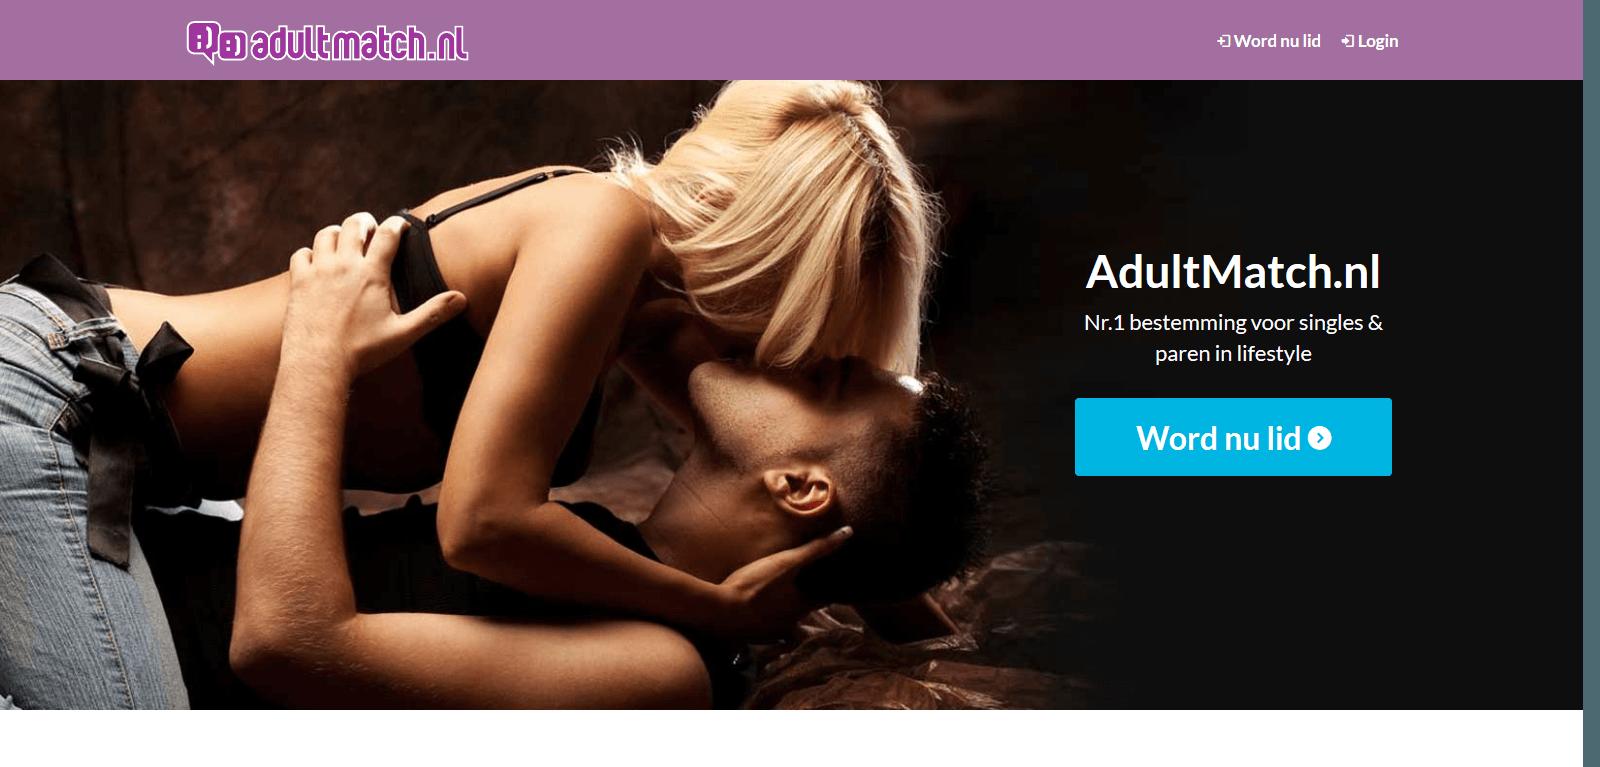 Lesbische singles dating online